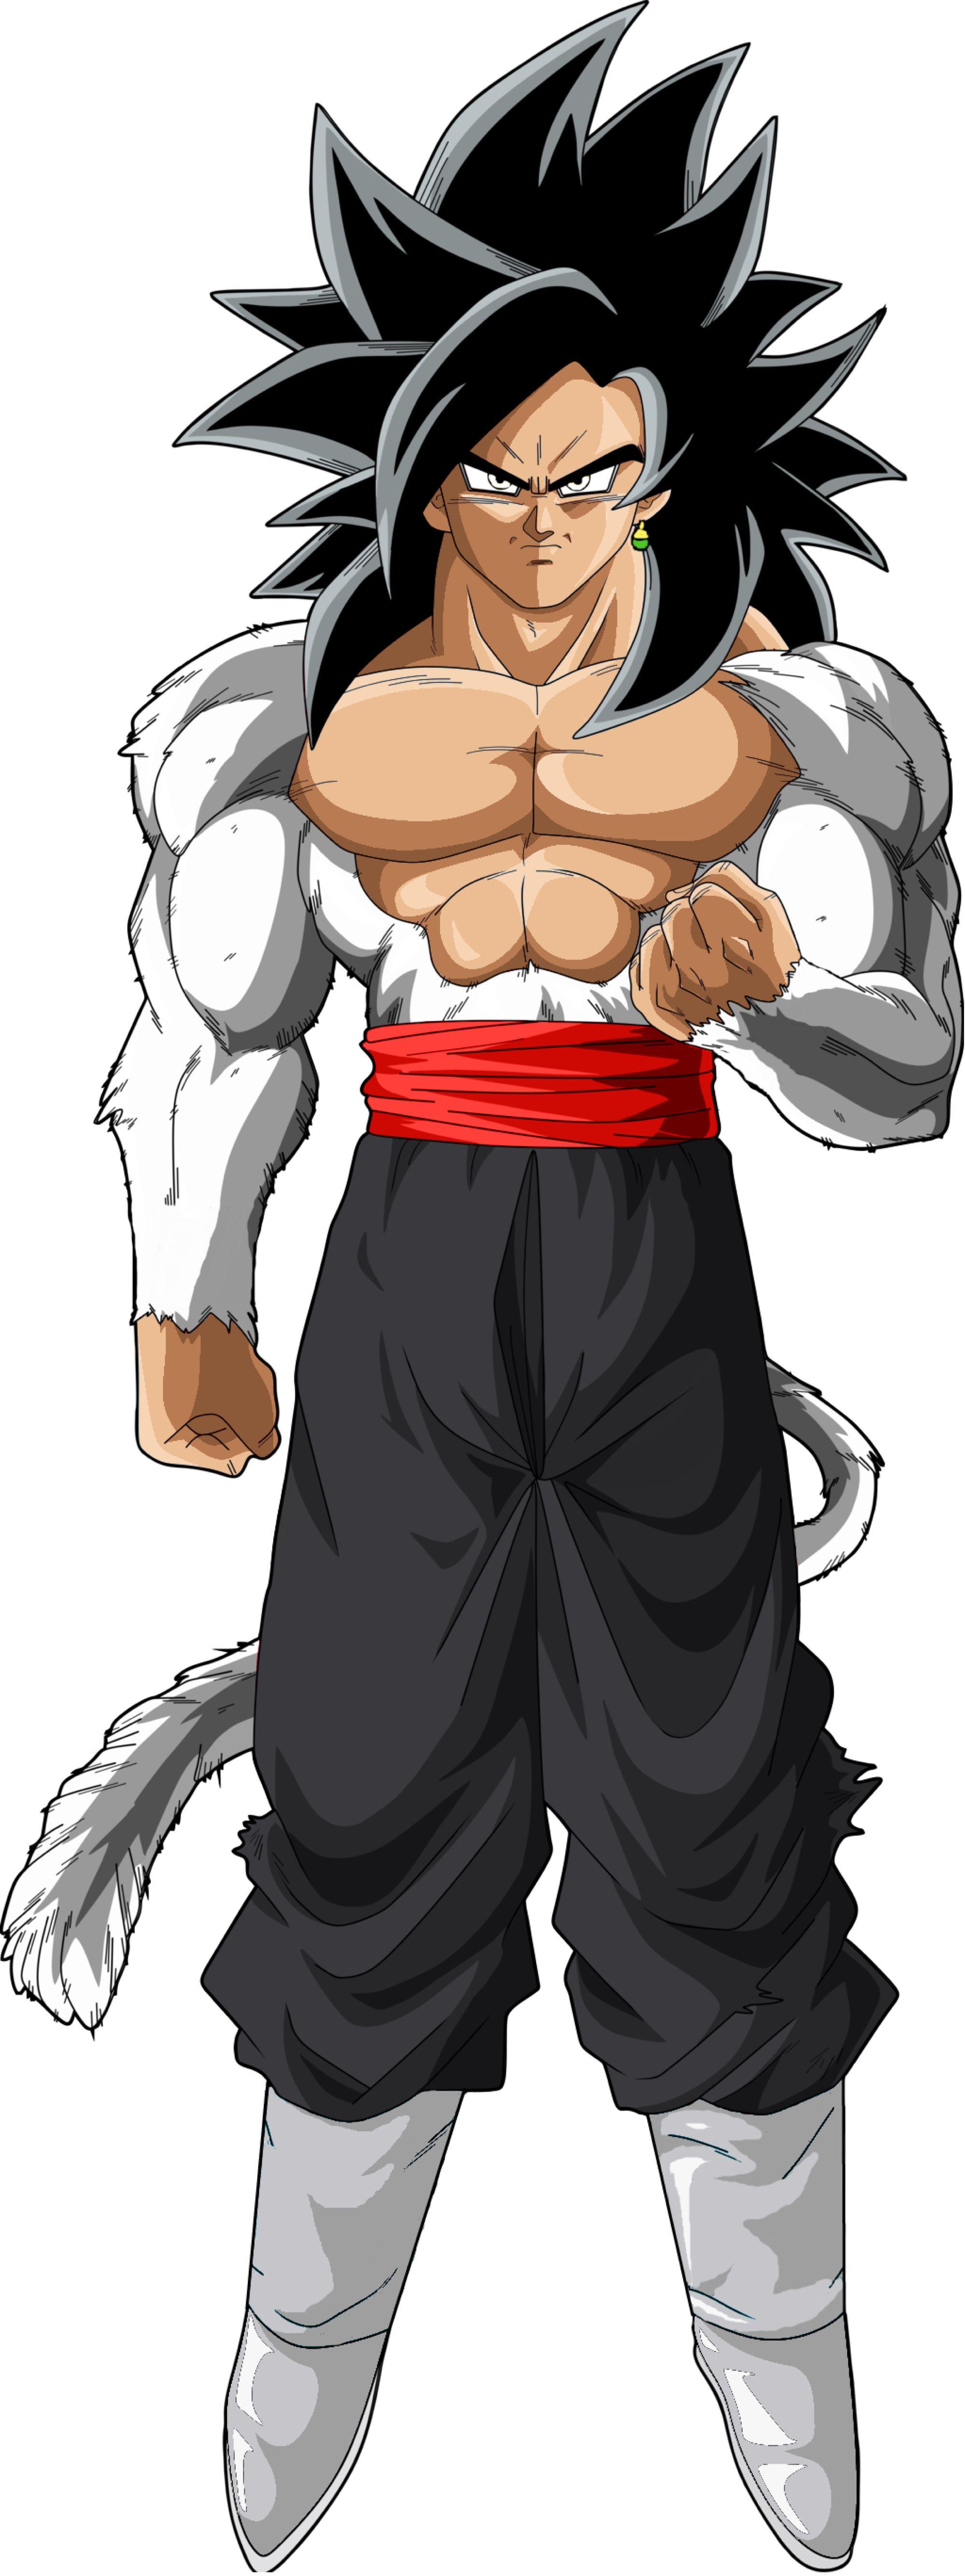 Goku Super Saiyajin Fase 4 Migatte No Gokui Perfect Dragon Ball Super Manga Goku Black Anime Dragon Ball Super